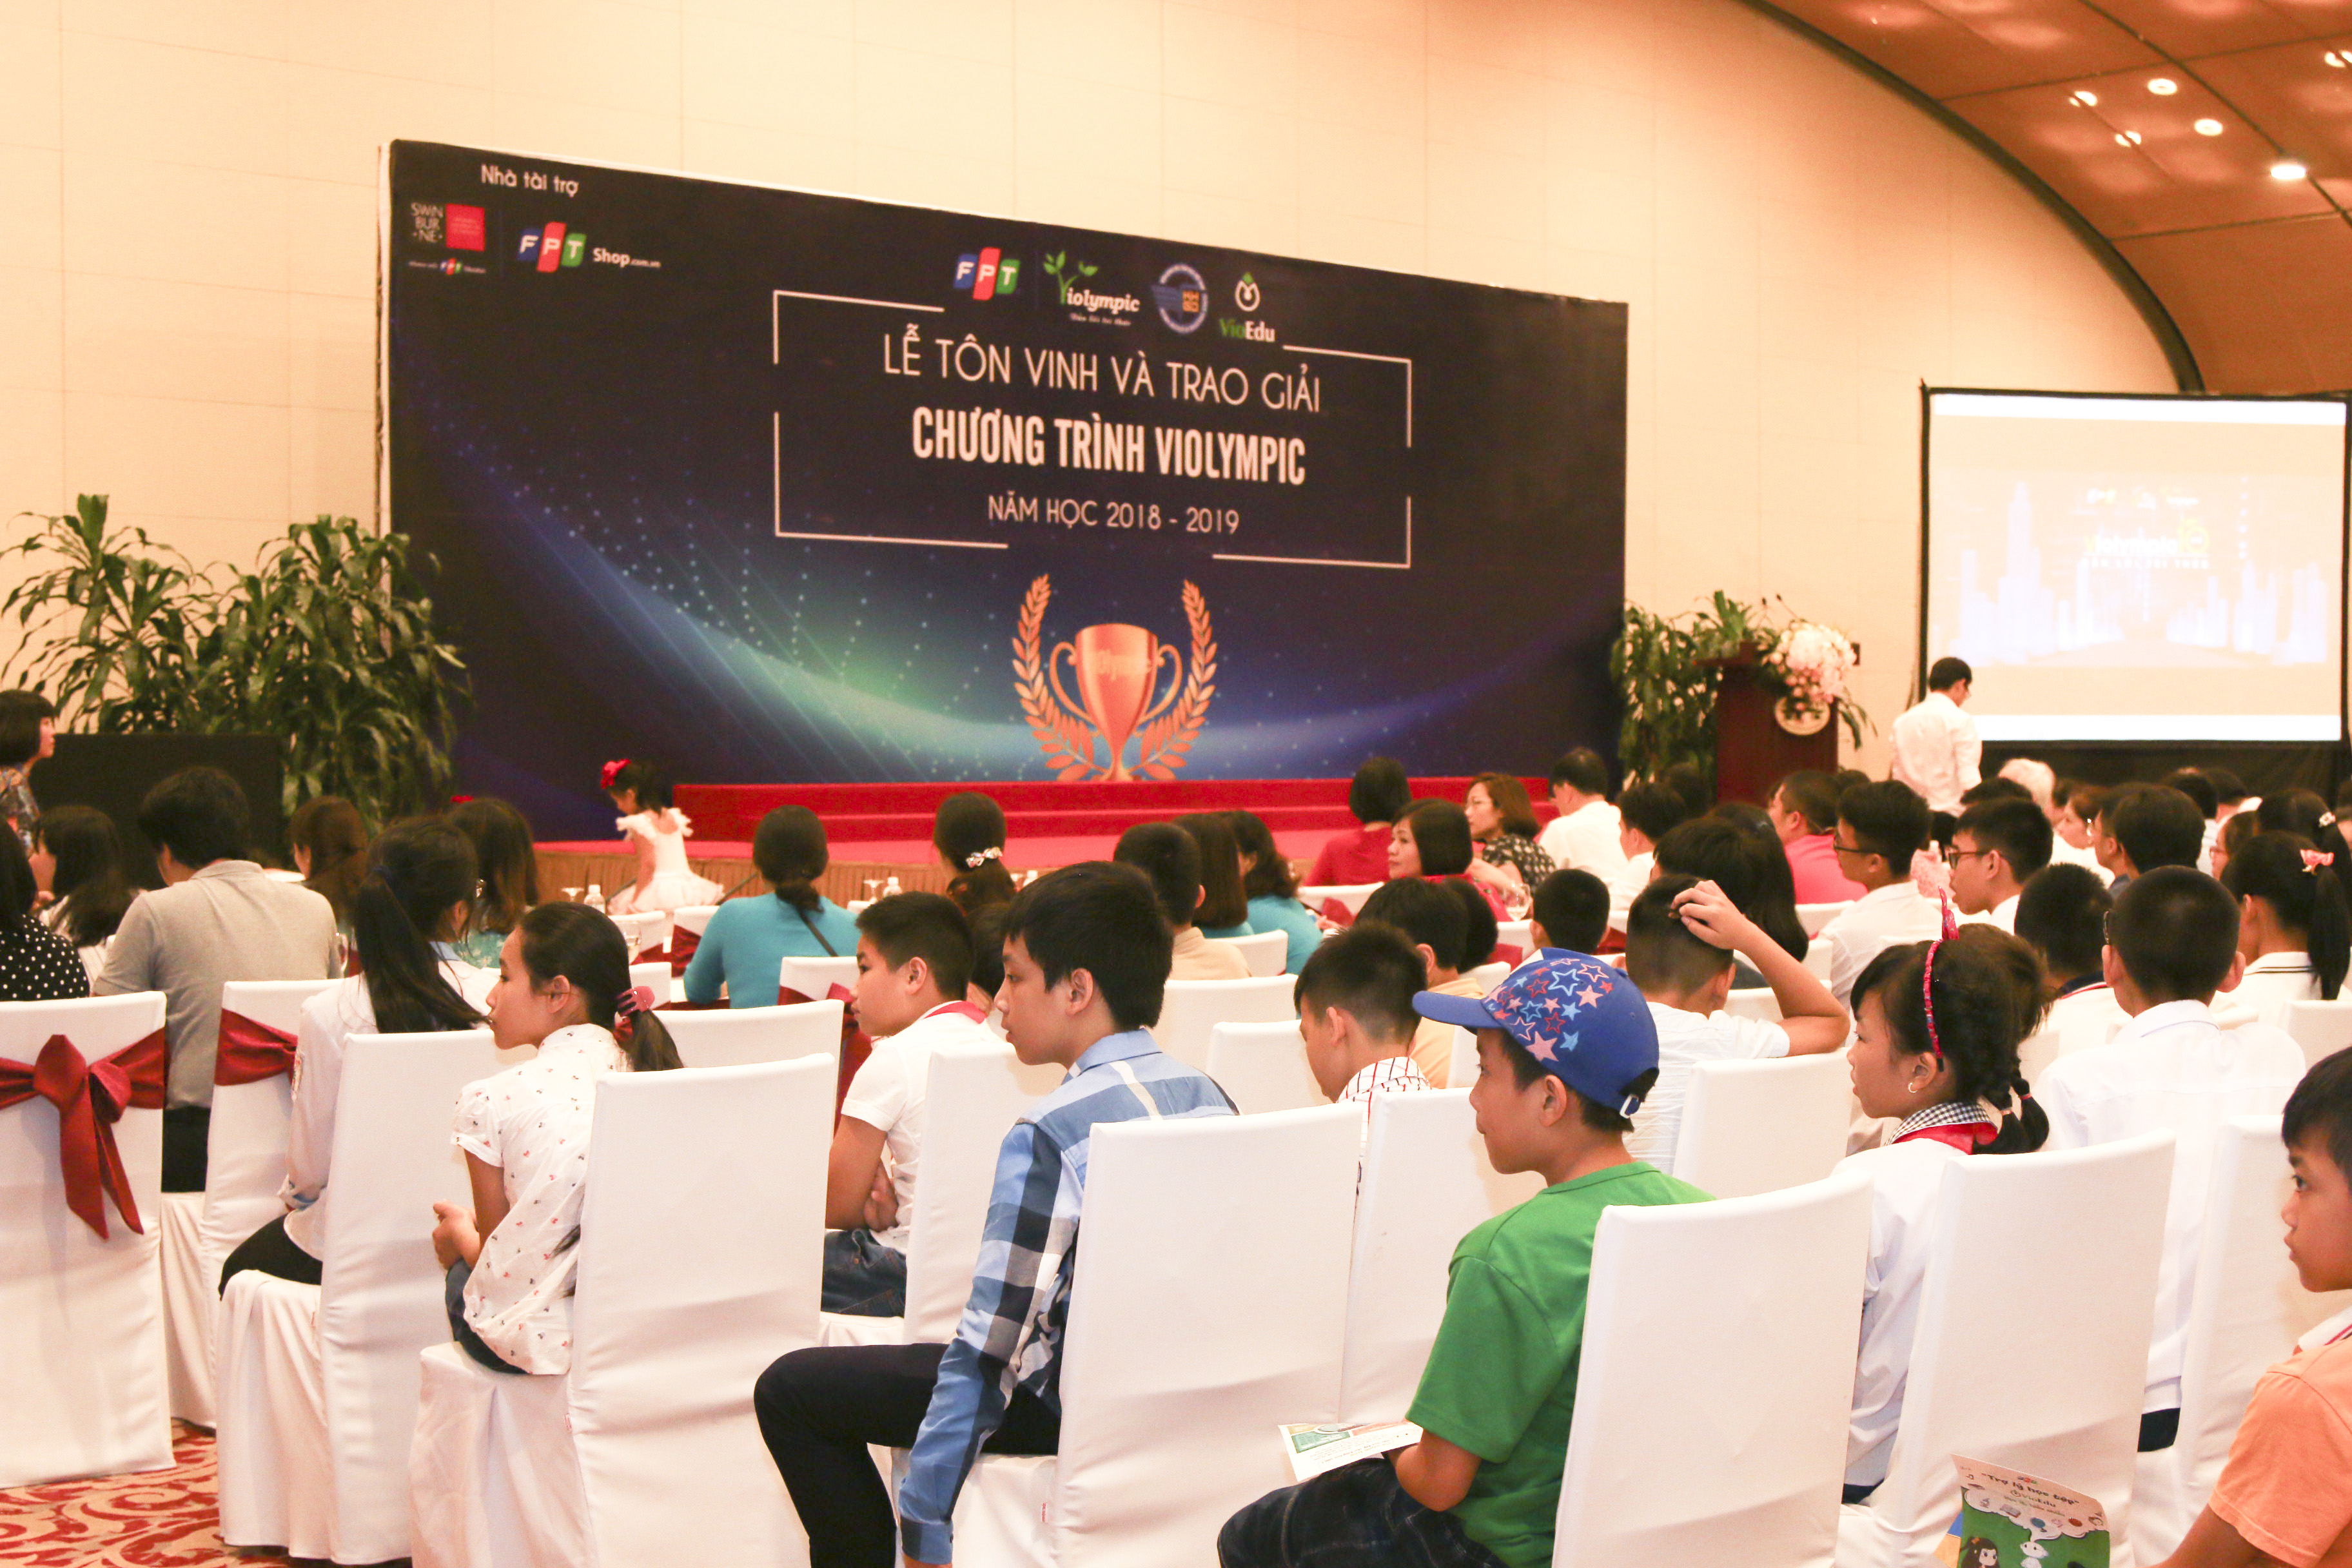 Năm học 2018 – 2019, toàn quốc có hơn 10.000 học sinh đến từ 48 tỉnh thành tham gia vòng quốc gia cuộc thi ViOlympic. Đã có 2.154 học sinh đạt giải ở cả 3 bộ môn: Toán tiếng Anh, Toán tiếng Việt và Vật lý. trong đó có 218 giải vàng, 326 giải bạc, 549 giải đồng và 1.061 giải khuyến khích. Các địa phương có thành tích tốt nhất, tính trên số lượng thí sinh có giải và điểm số cao nhất từng khối lớp, là Hà Nội, Phú Thọ, Ninh Bình, Nam Định, Thái Bình, Hải Dương, Vũng Tàu…